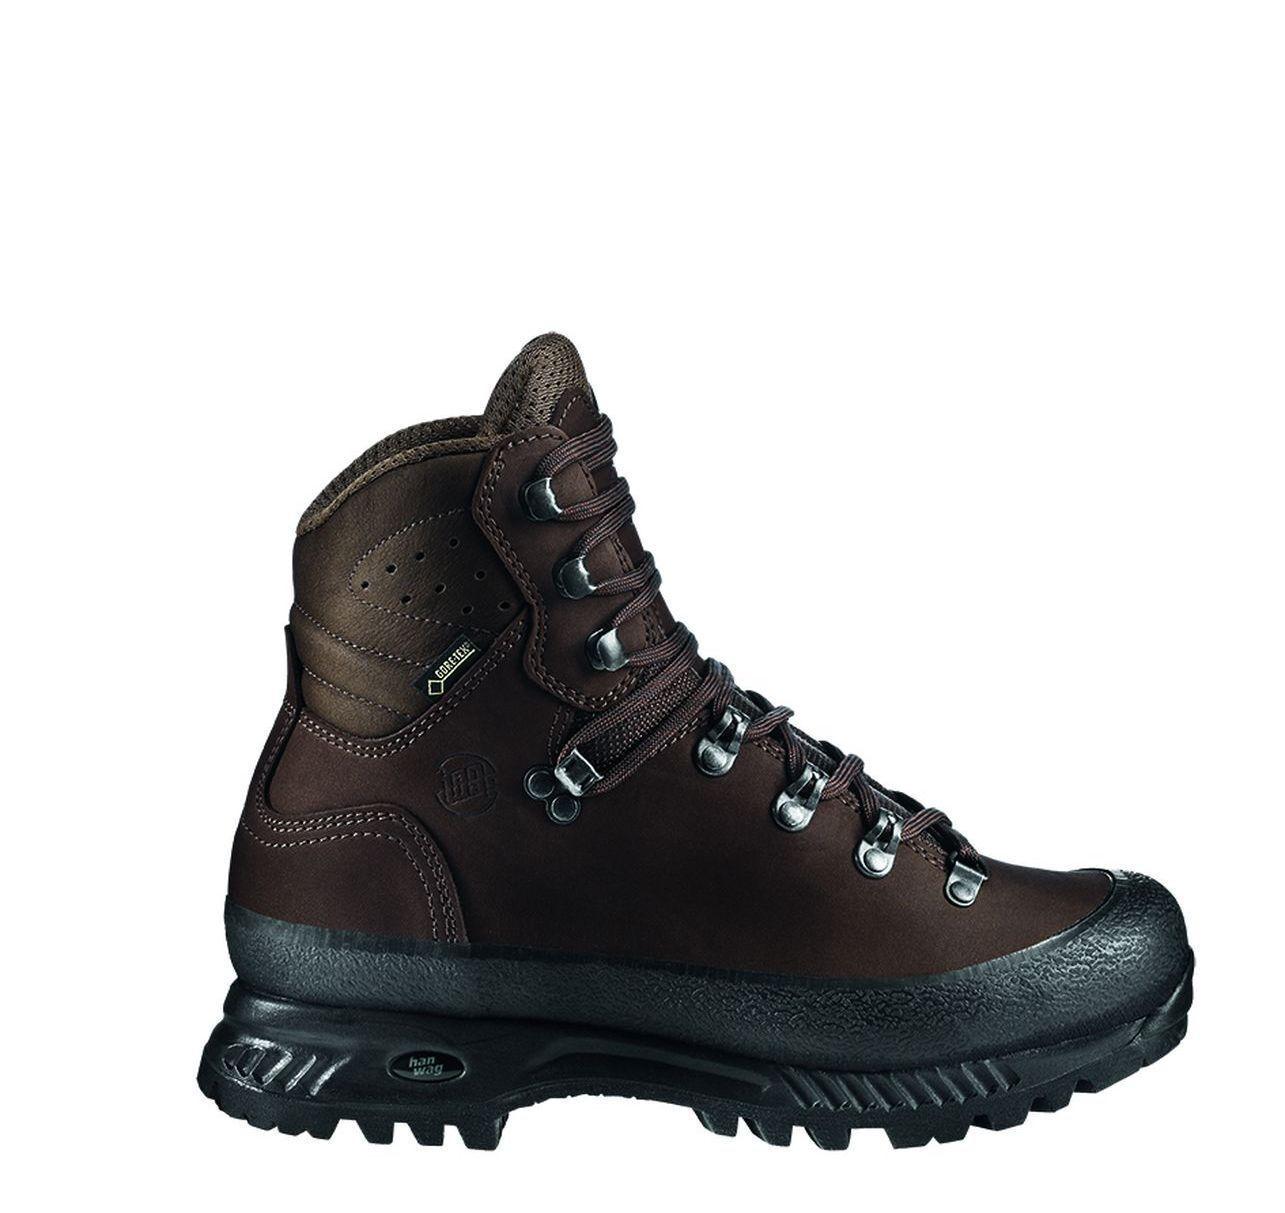 Hanwag  Zapatos de Montaña Nazcat GTX Men Tamaño 10-44,5 Tierra  ¡envío gratis!